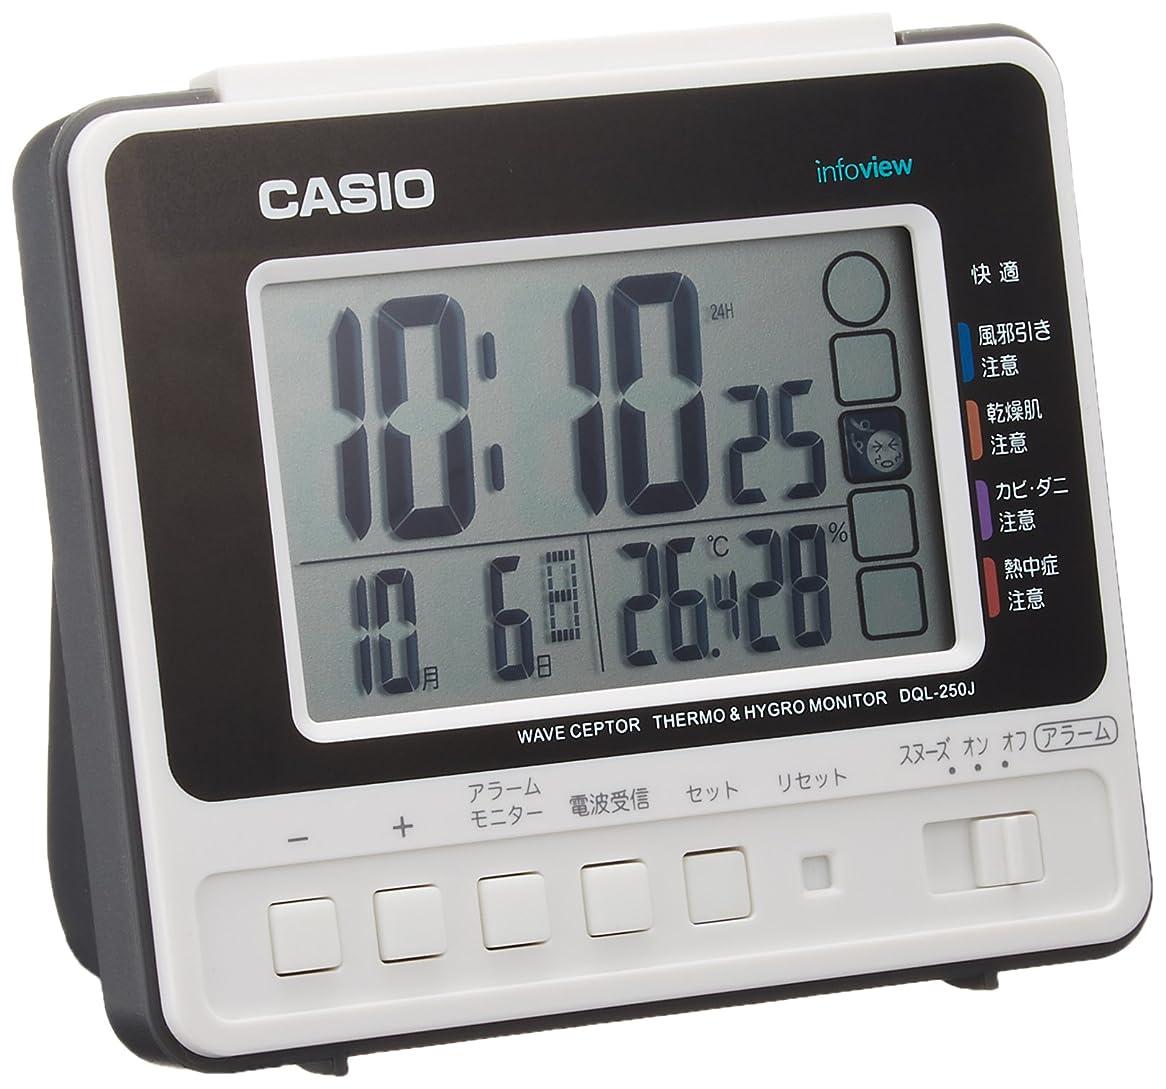 鏡苦痛フラップカシオ デジタル生活環境お知らせ電波目覚まし時計 日付表示 温?湿度表示付 DQL-250J-7JF